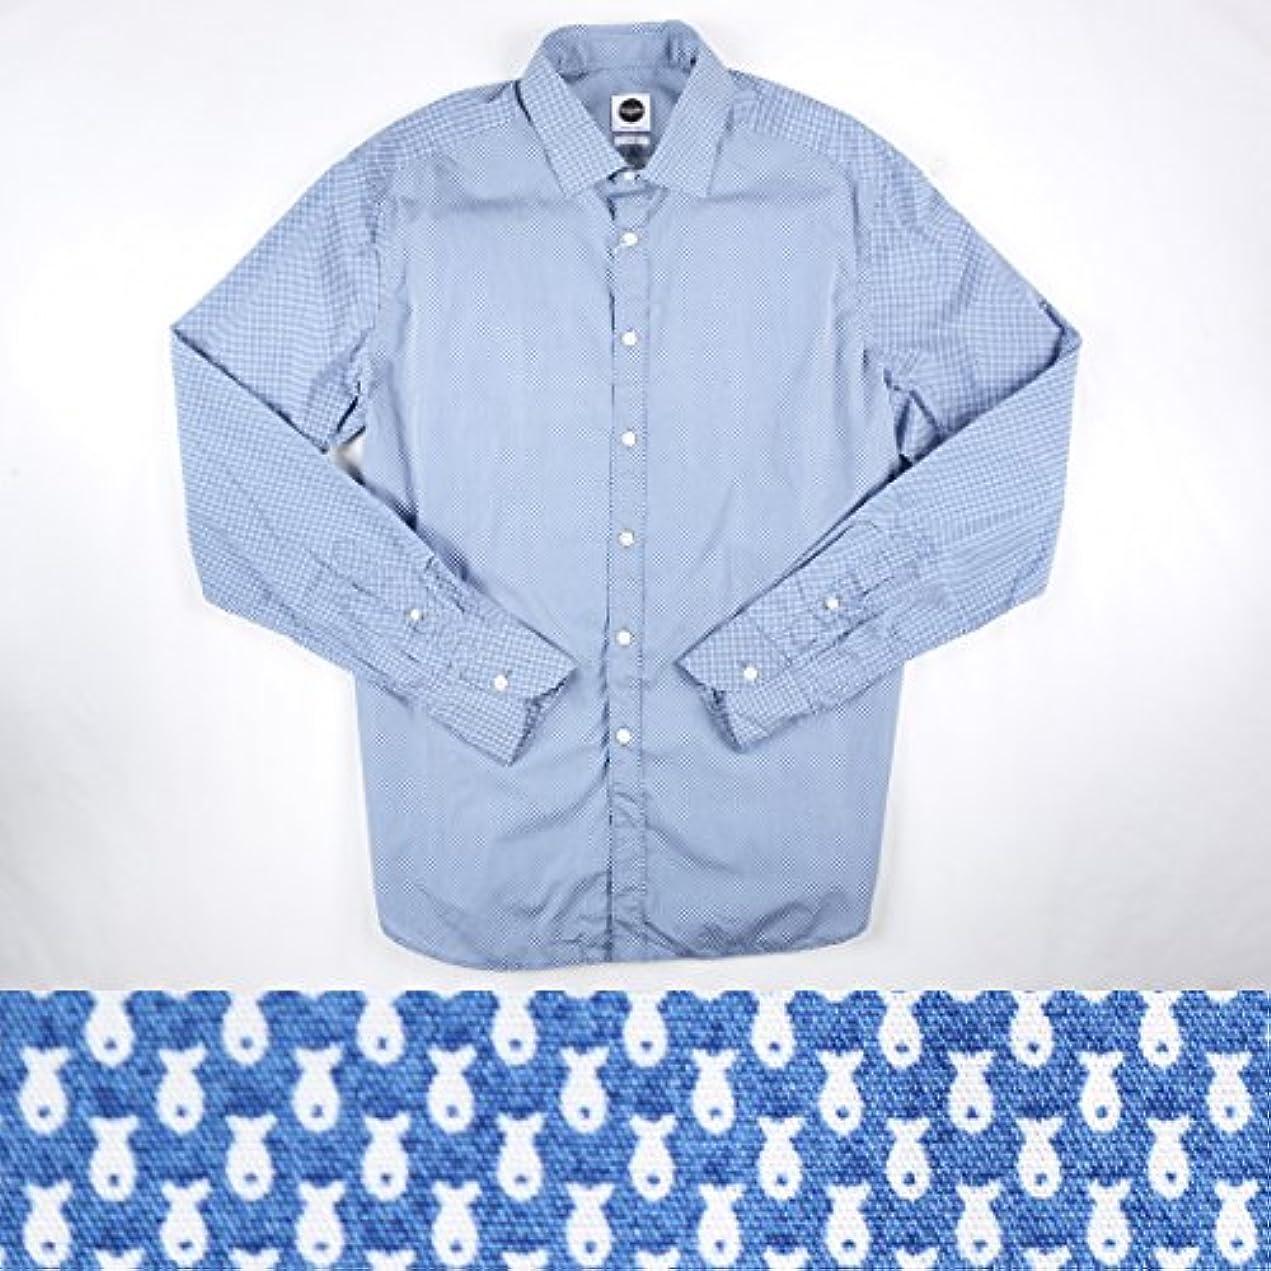 ブラケット爆弾判決Bagutta 小魚柄 長袖シャツ BERLINO03599 slim fit blue XL【A13177】 バグッタ [並行輸入品]